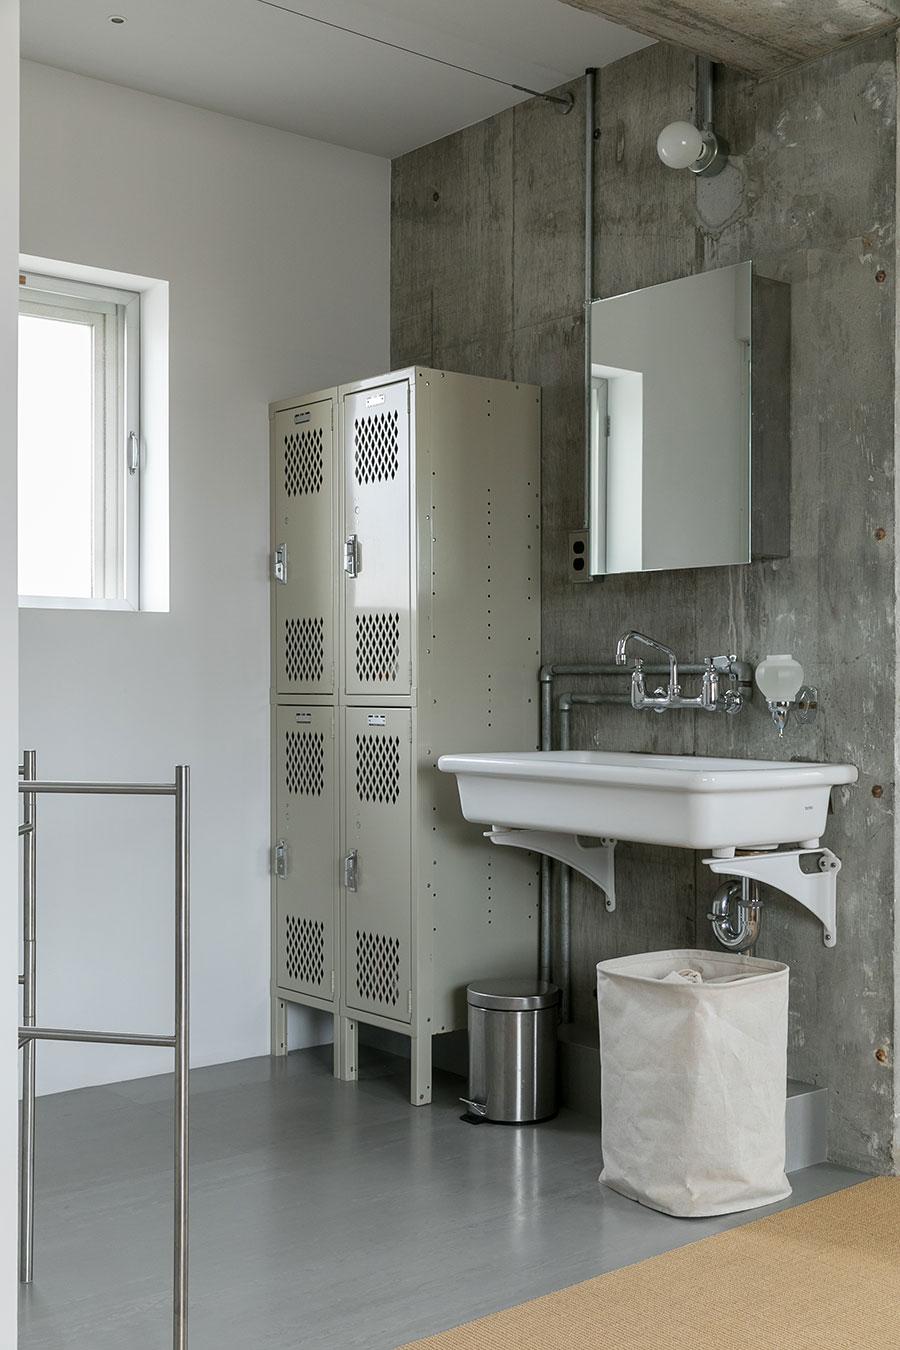 洗面所と脱衣所には扉をつけず広々と。壁付けの洗面台とスチールのロッカーがインダストリアルな洗面室。水栓は『general view』で購入。